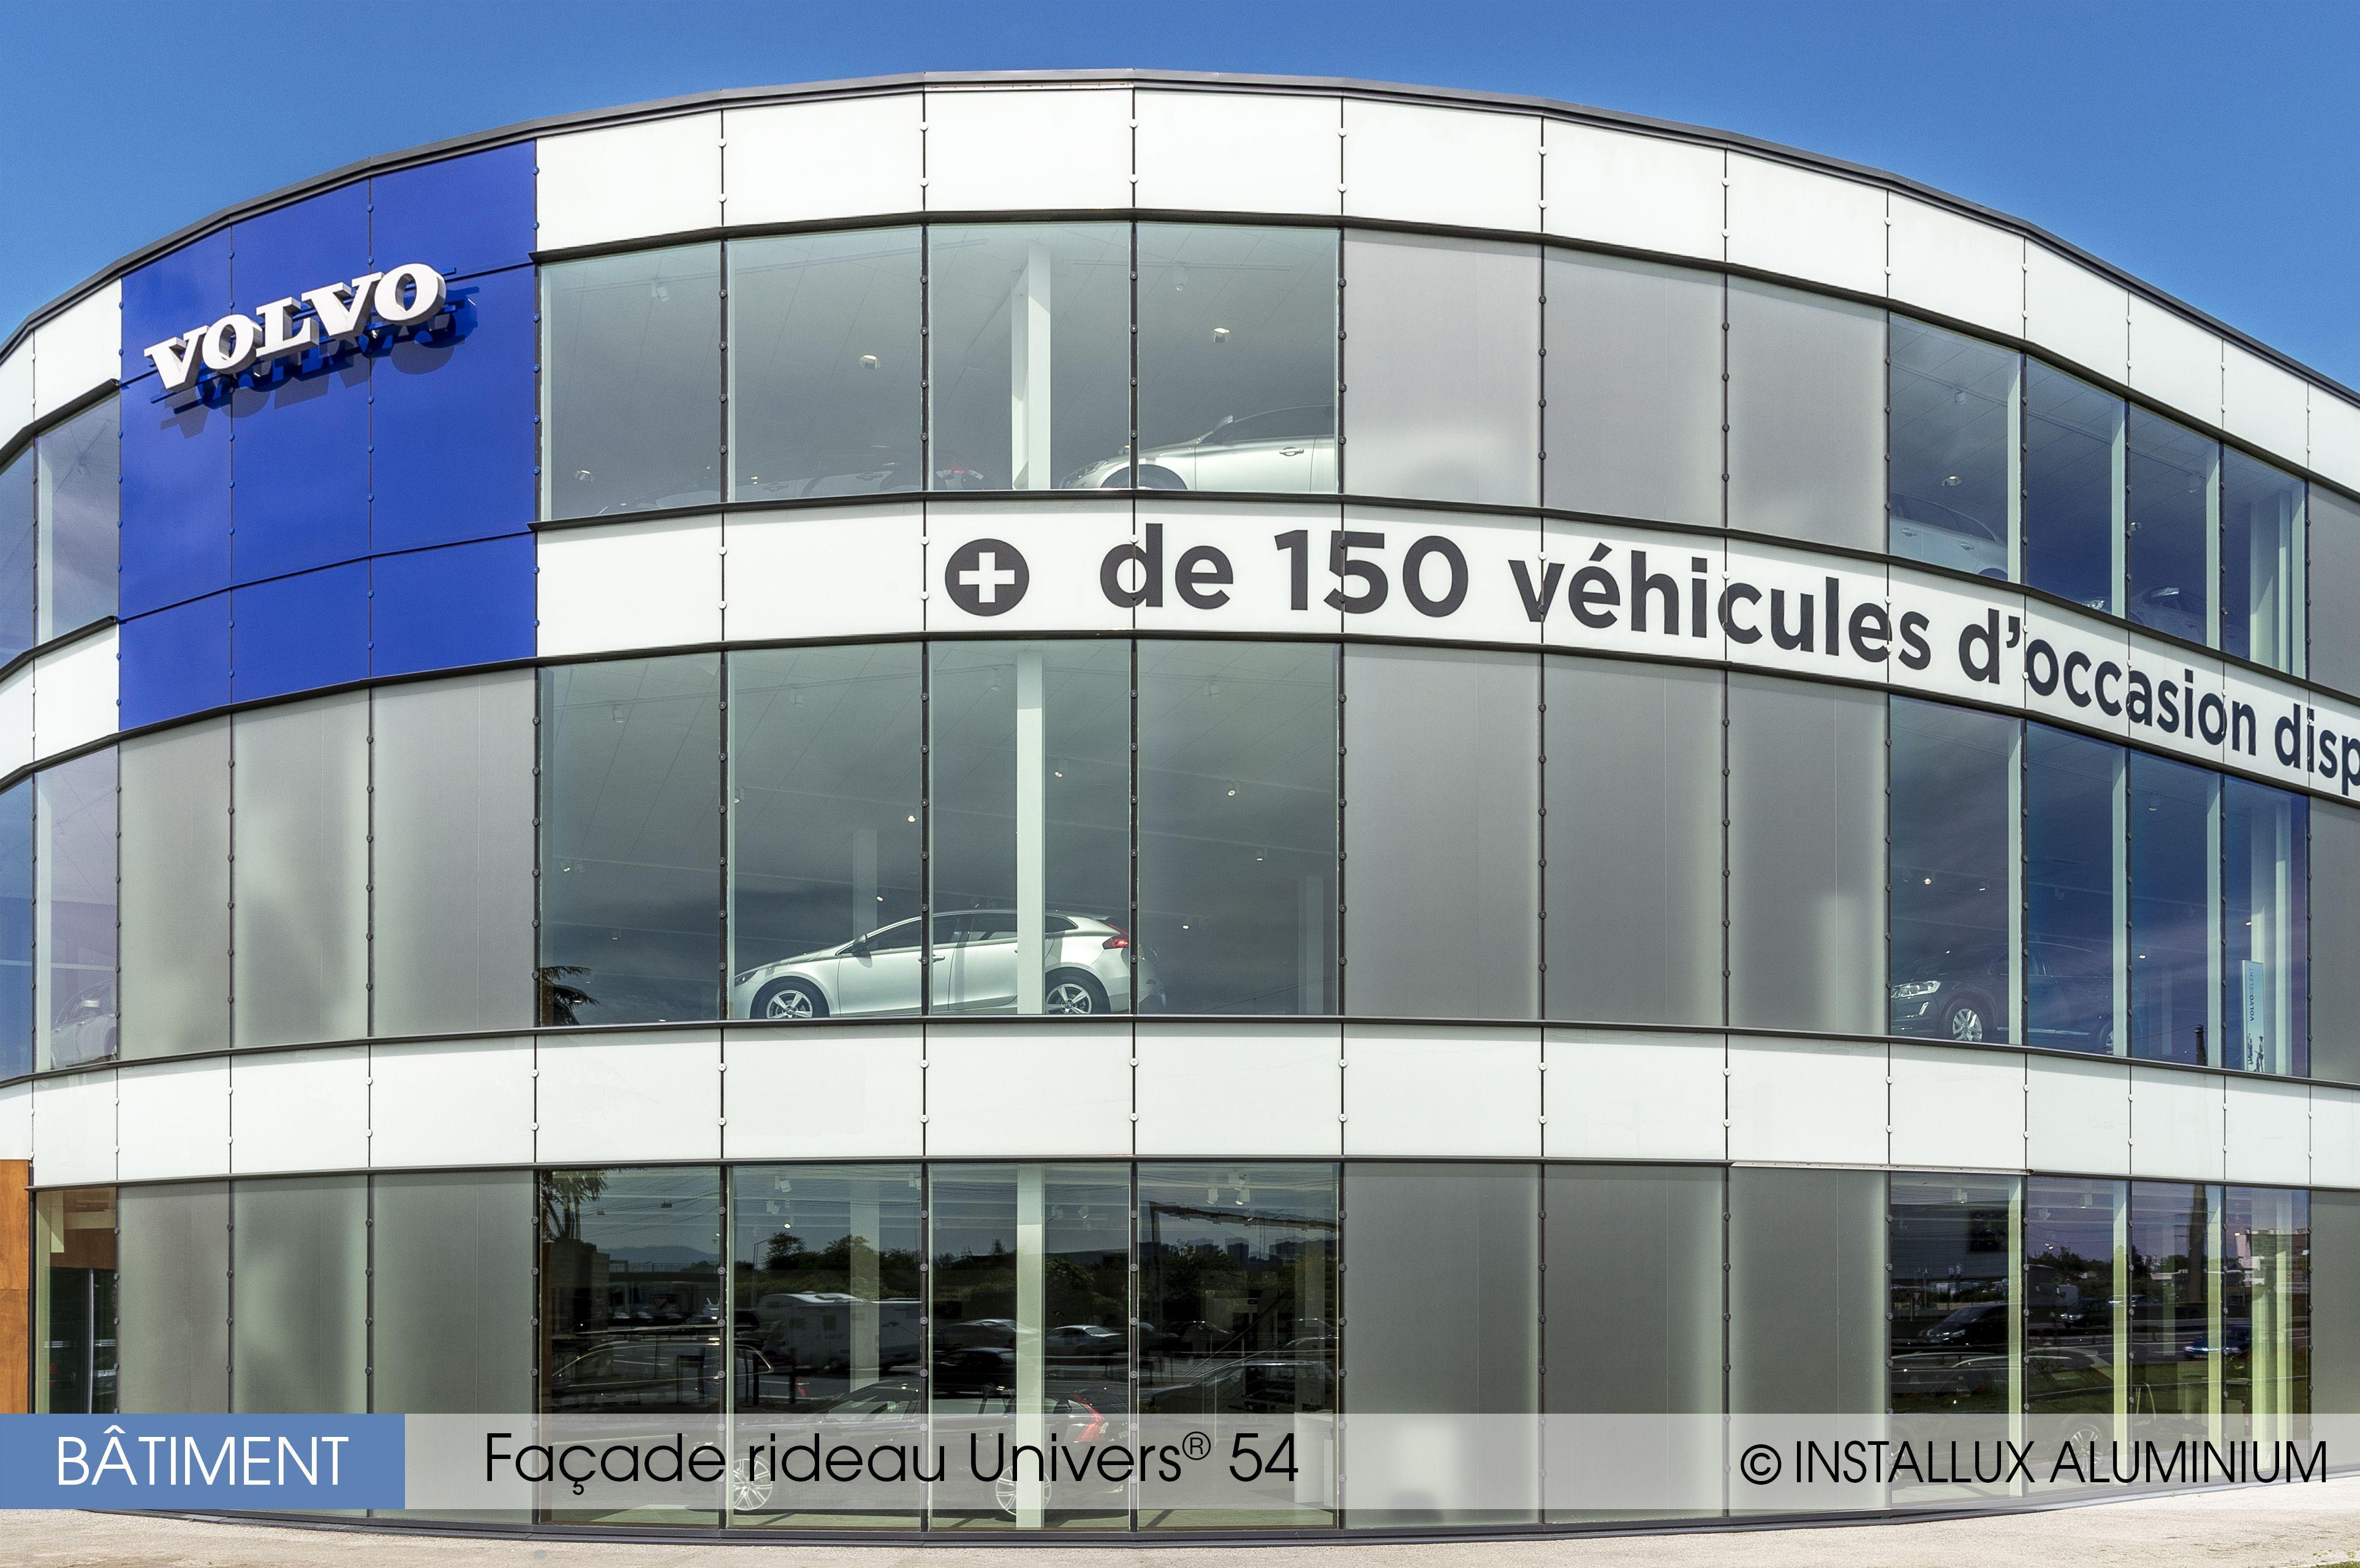 Façade rideau Univers 54 Installux Aluminium Réalisation : Volvo (69 ...